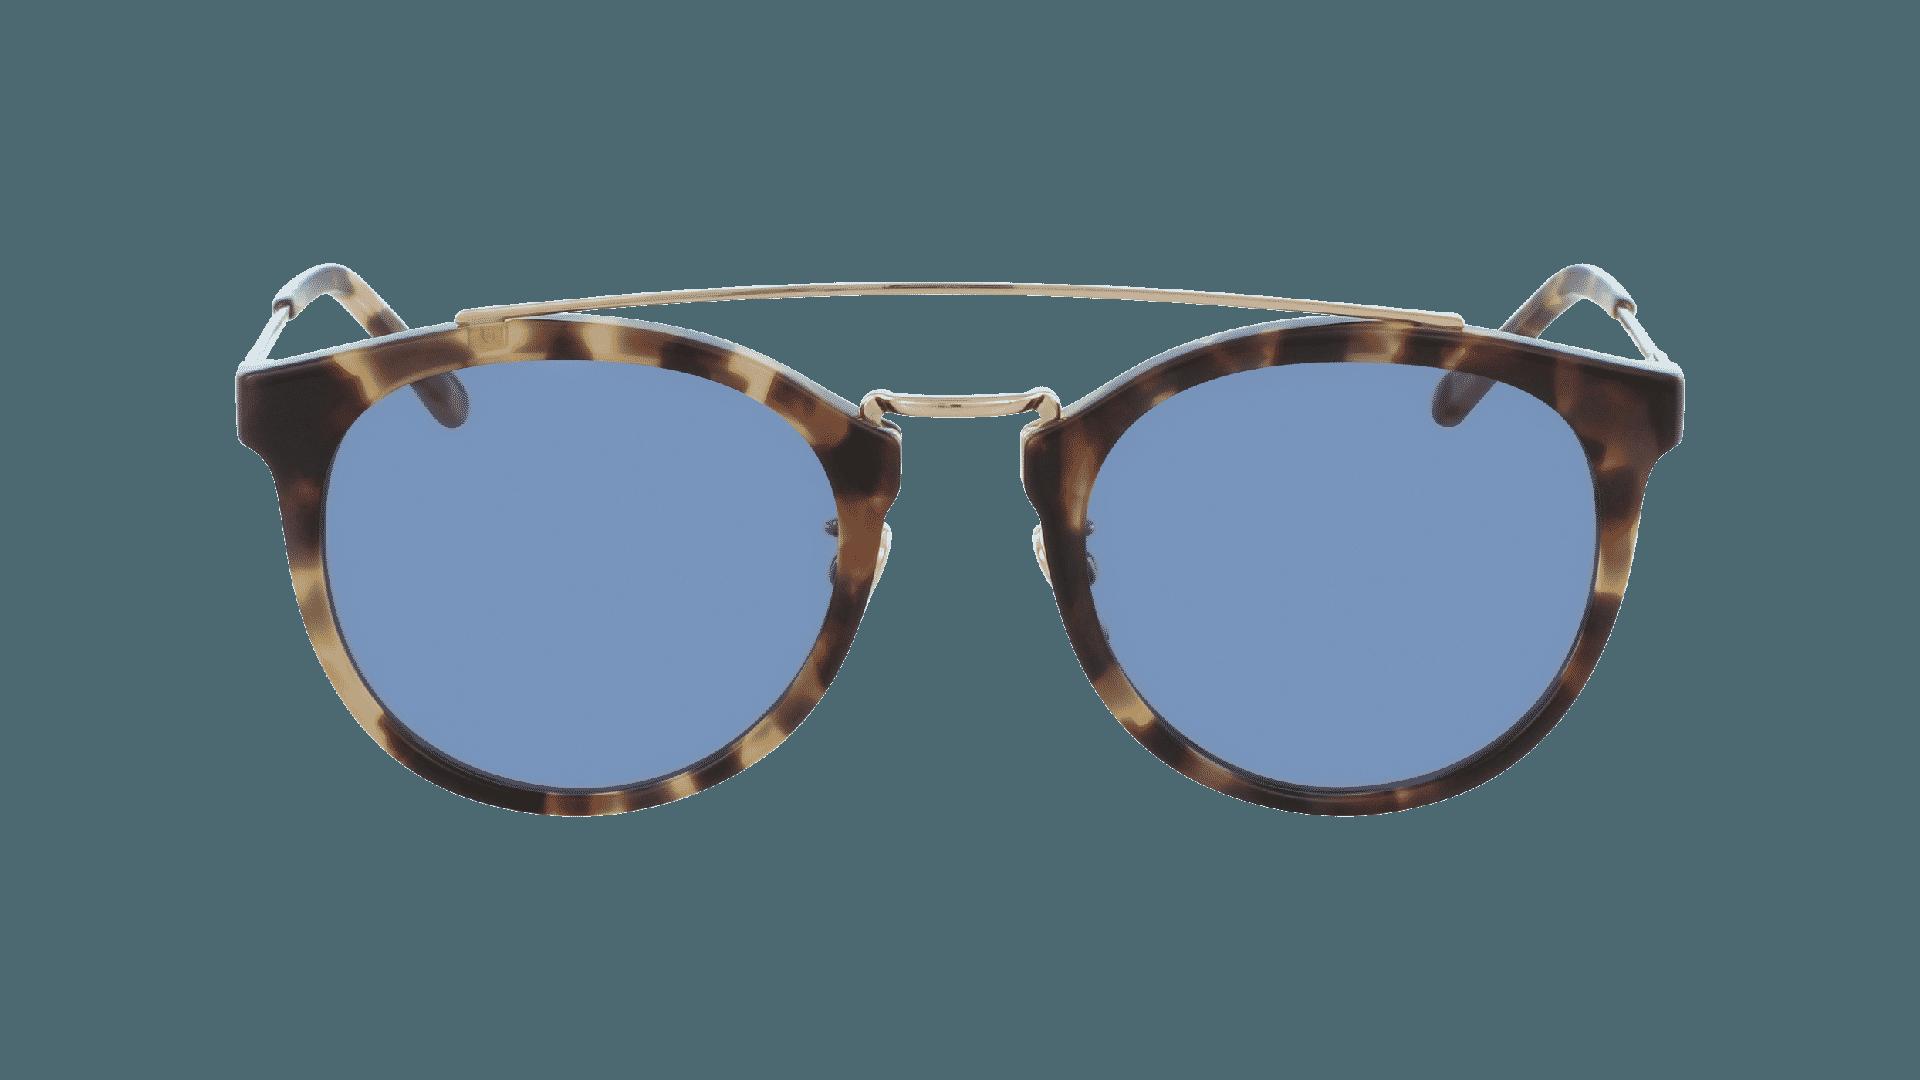 Verão 2019  os óculos que são tendência e vão bombar nas praias e piscinas b7d740fe1f